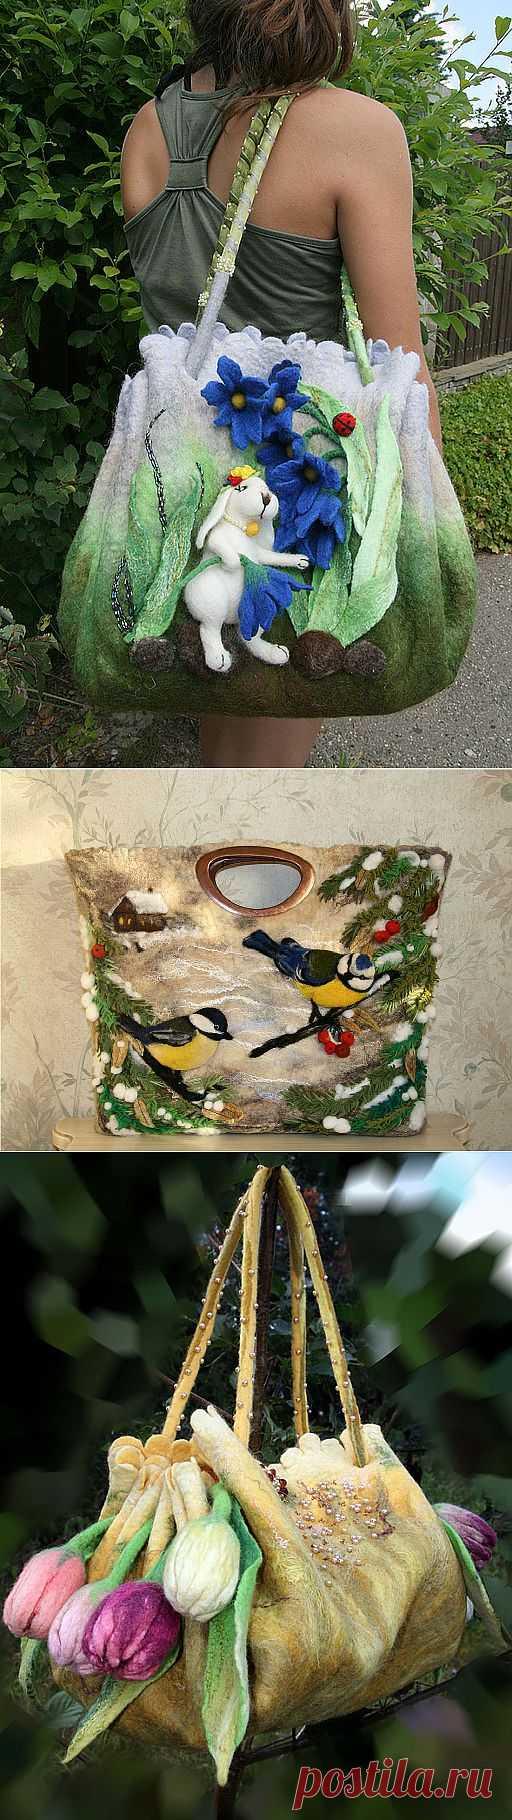 Необычные сумки Екатерины Тасминской.